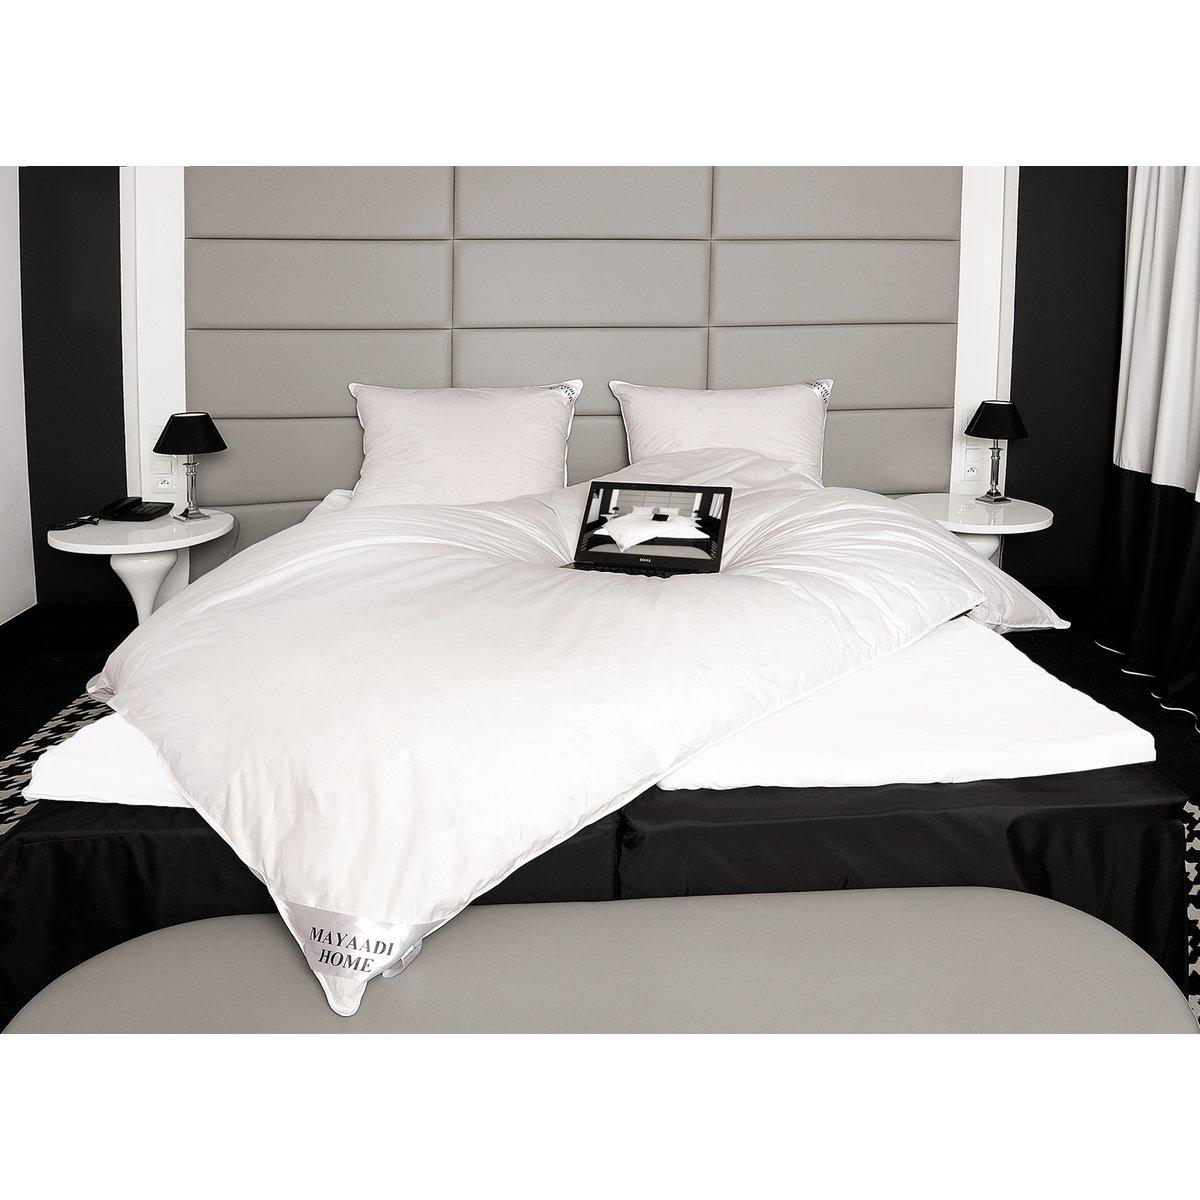 hs62 ballonbett bettdecke oberbett decke federbett 2800g 50 daunen 84 90. Black Bedroom Furniture Sets. Home Design Ideas